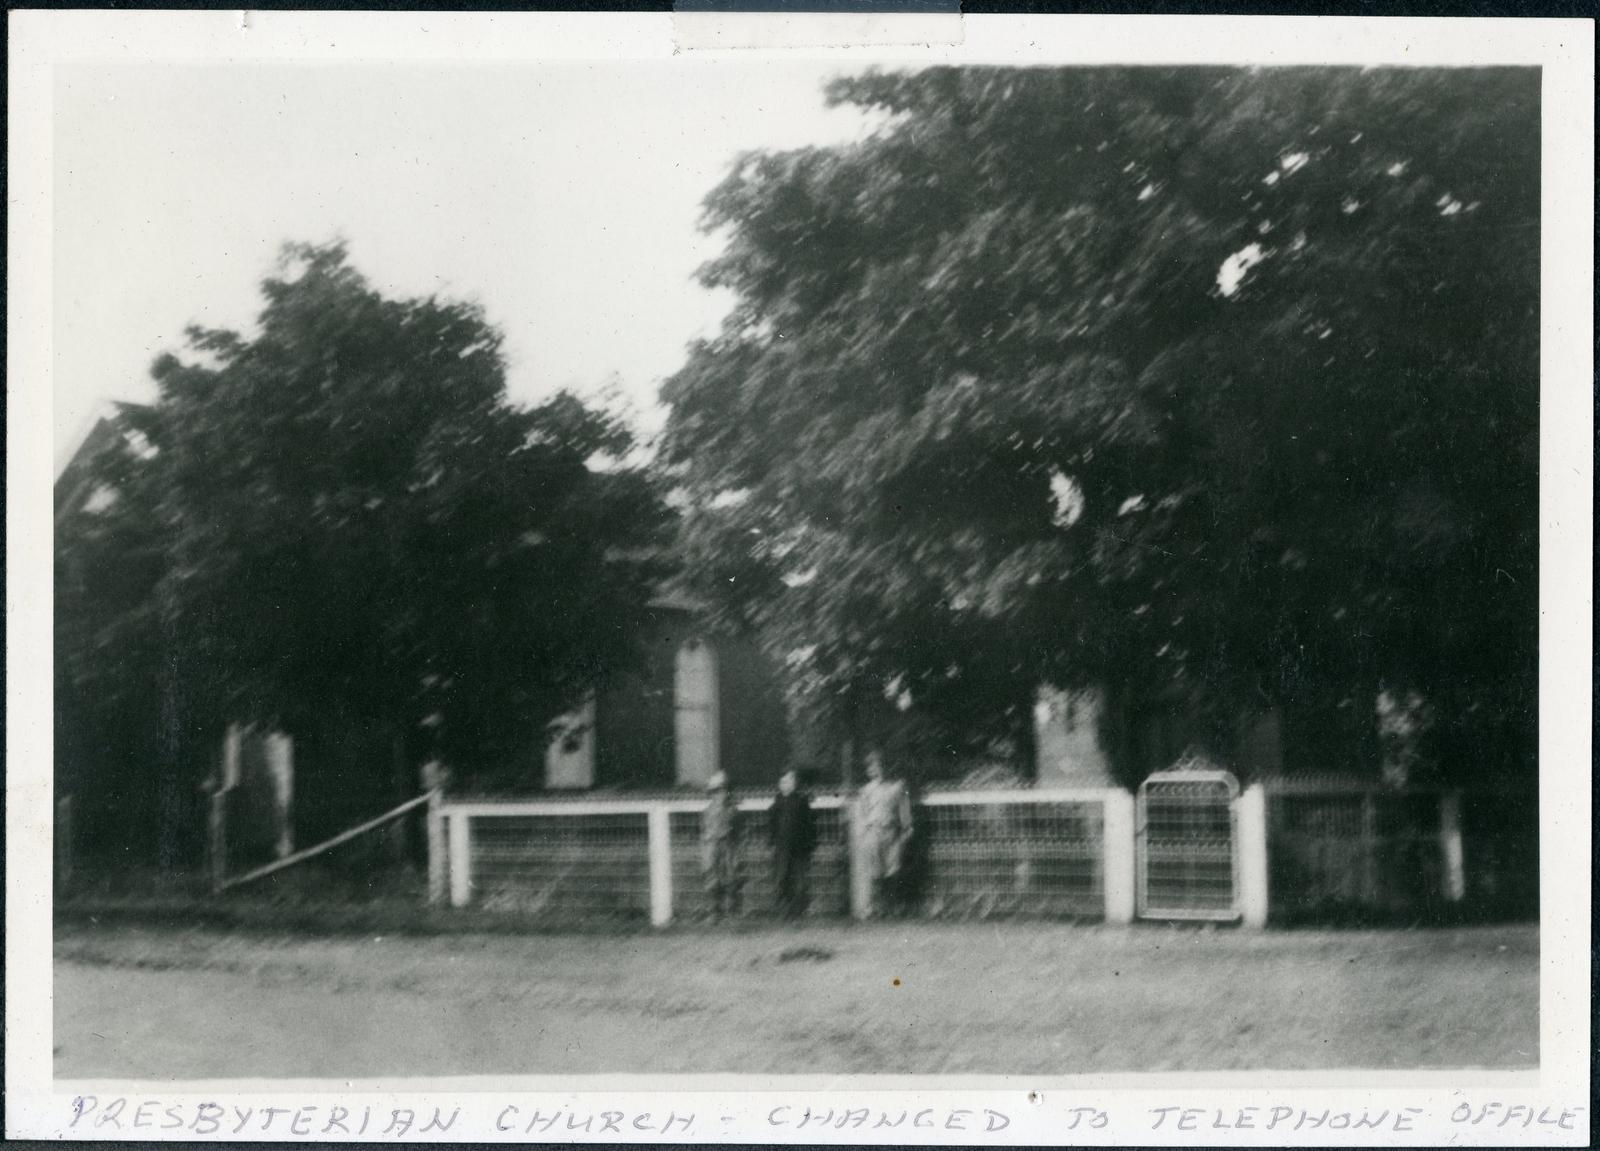 page 58 - Presbyterian Church